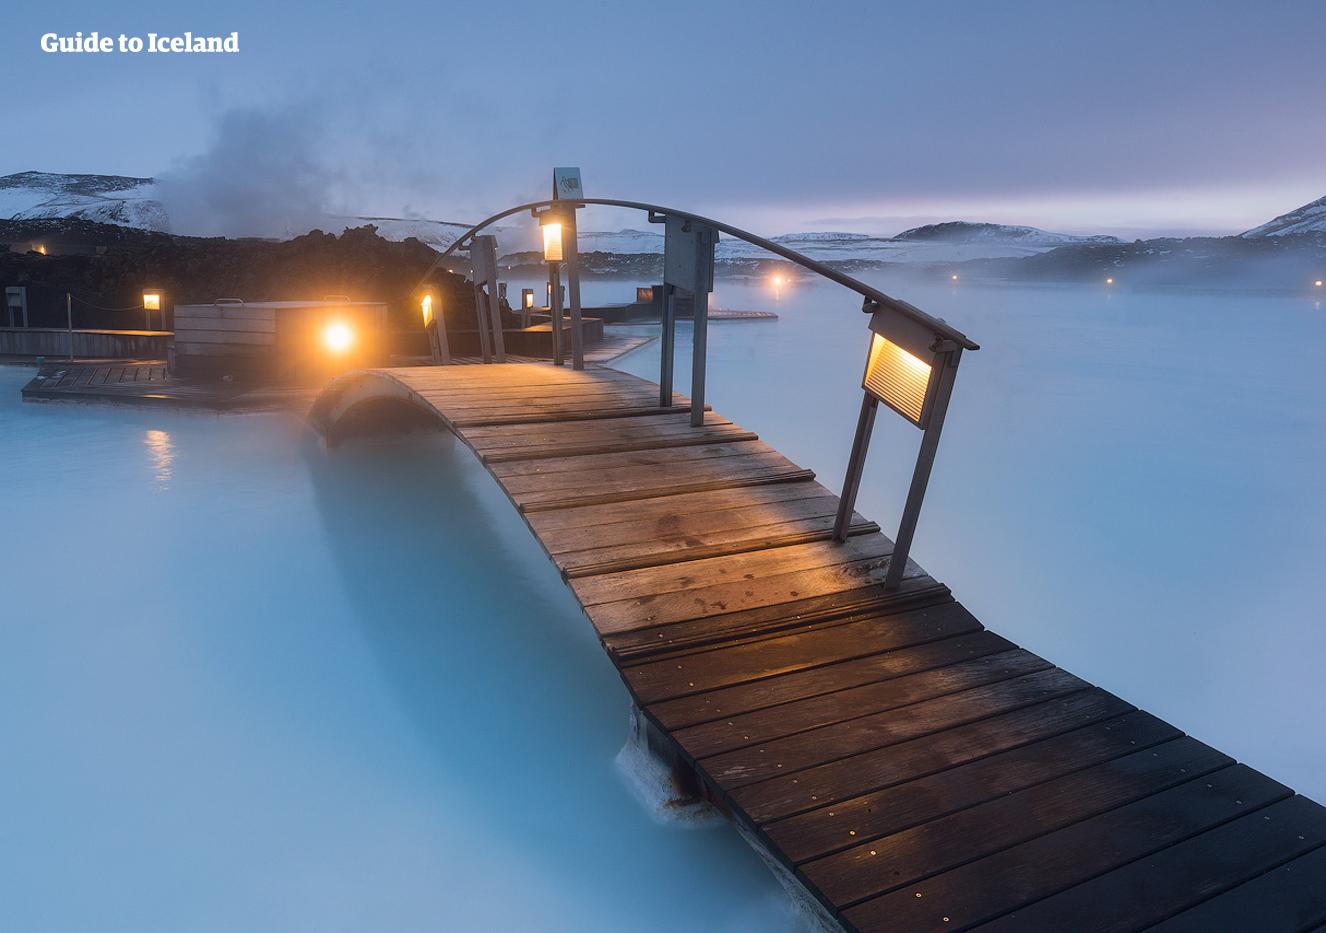 Visitar el spa geotérmico de la Laguna Azul (Blue Lagoon) es la mejor manera de terminar tu aventura en Islandia.